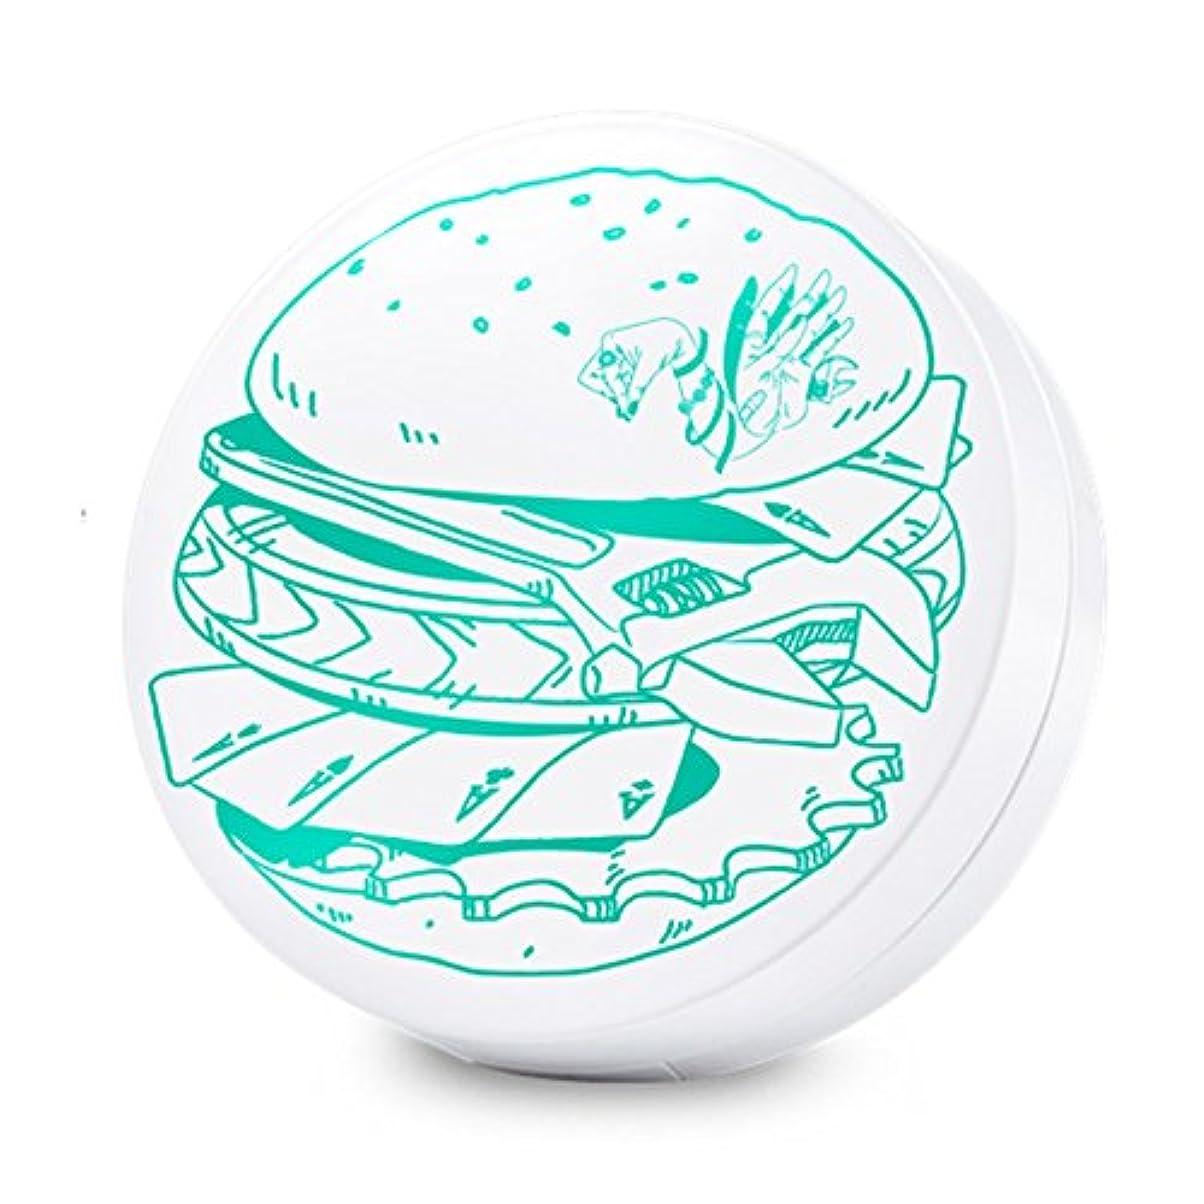 症状添加できないSwanicoco AC burger Cushion (wt Refill) (Yellow Base)